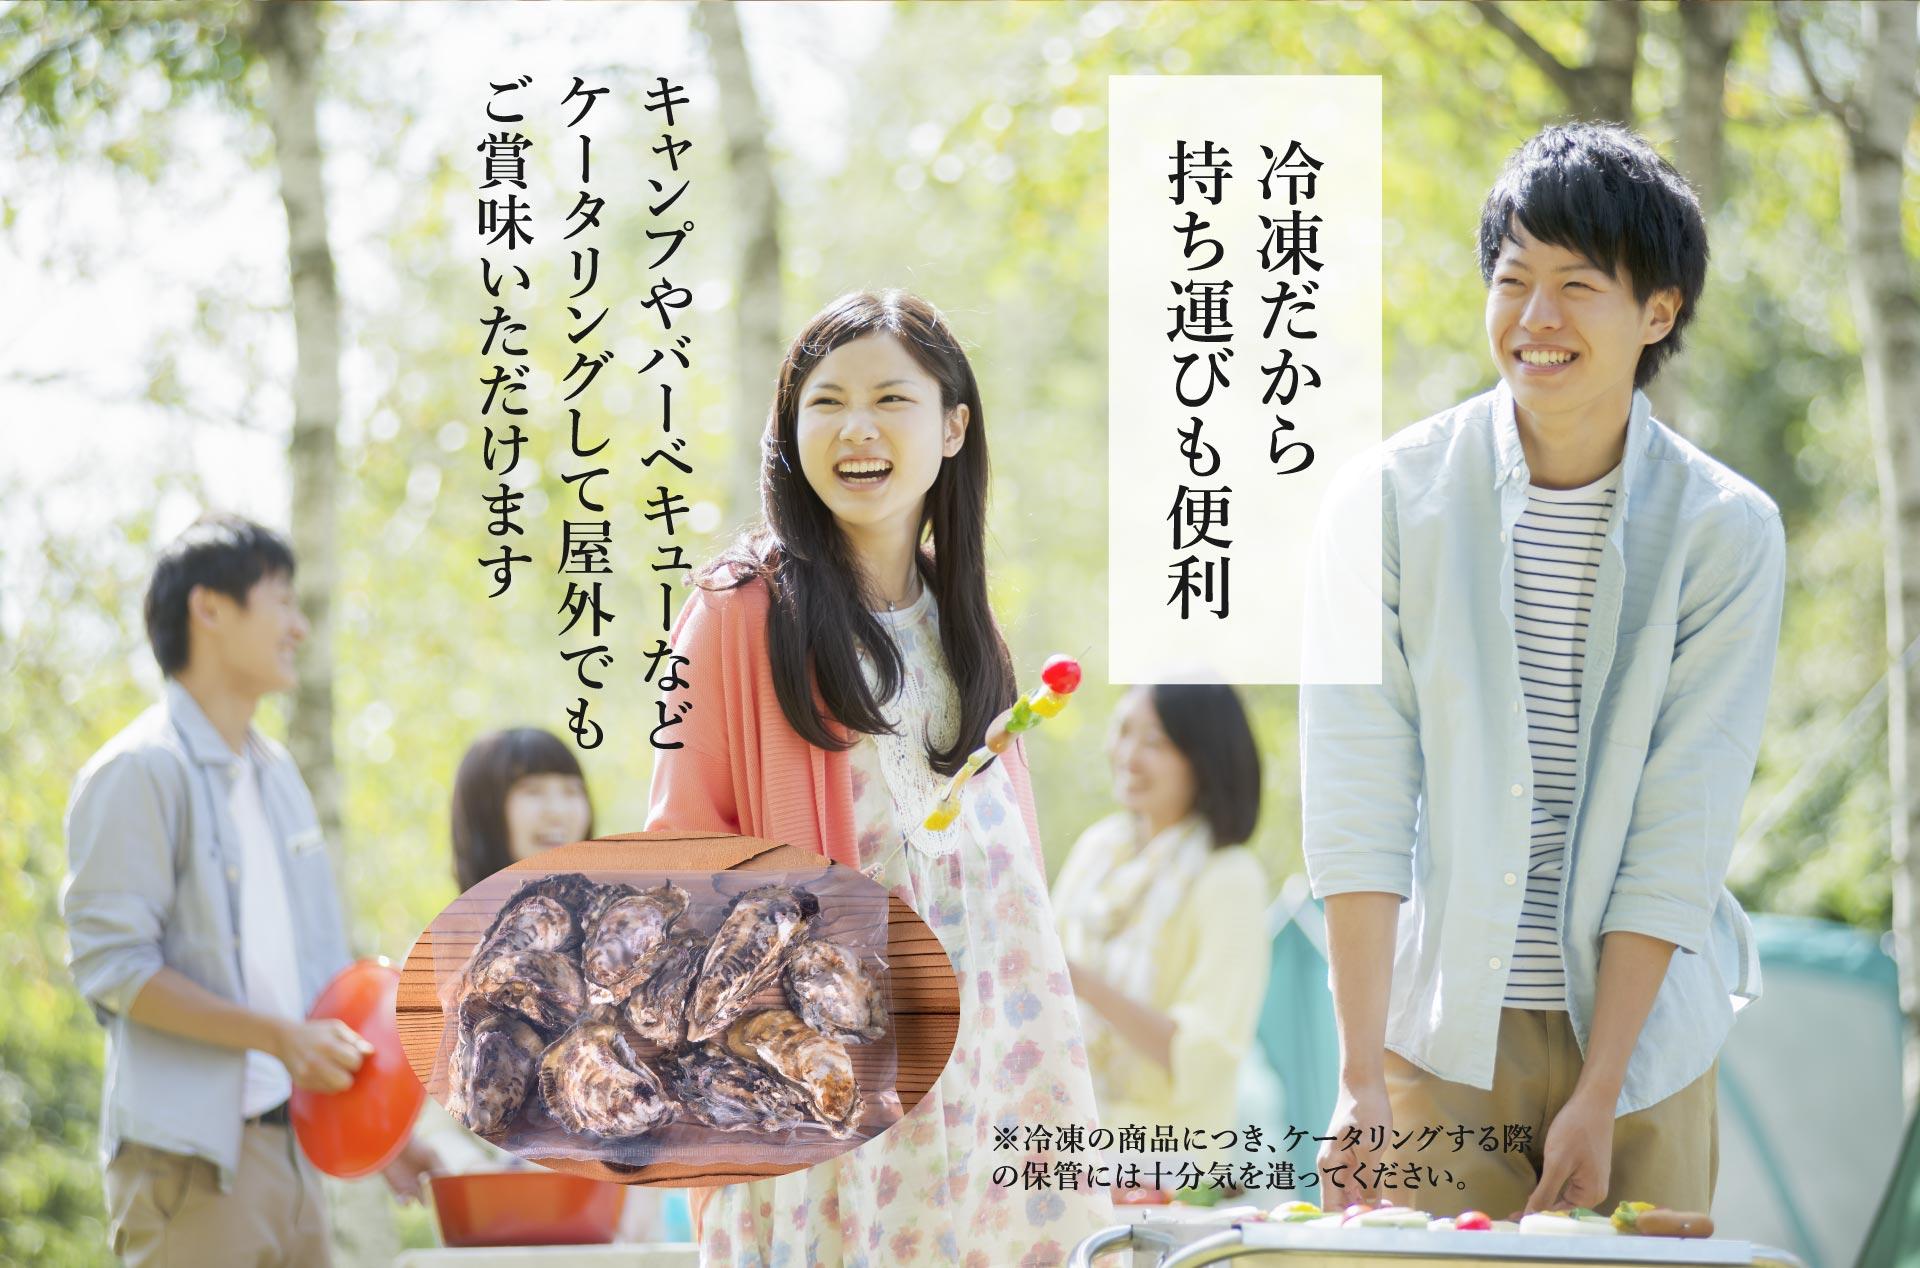 冷凍牡蠣販売・牡蠣の磯煮販売ページ6